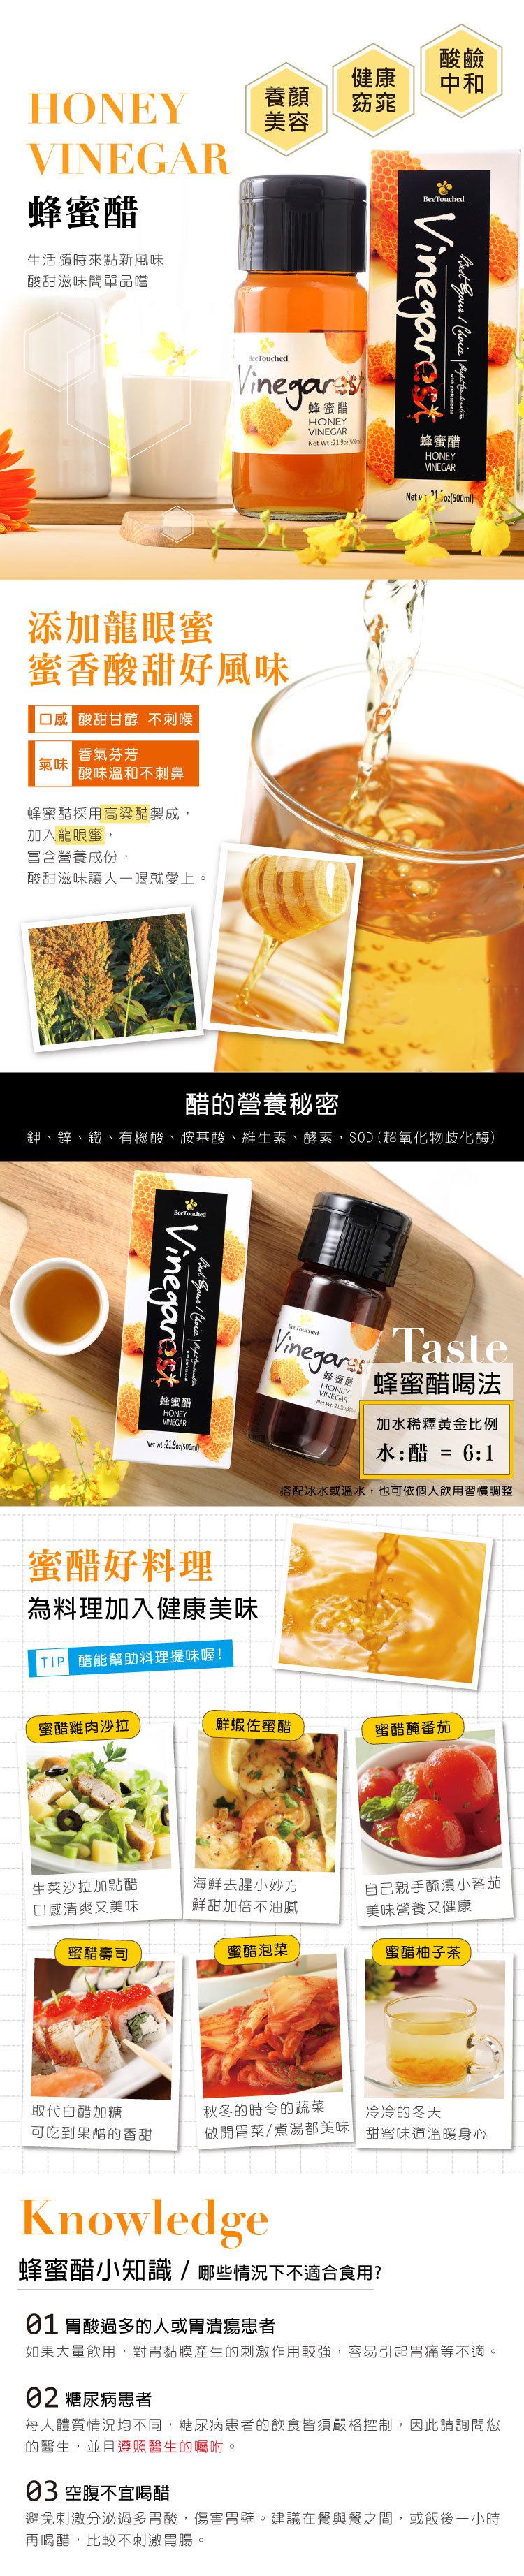 蜜蜂工坊-蜂蜜醋